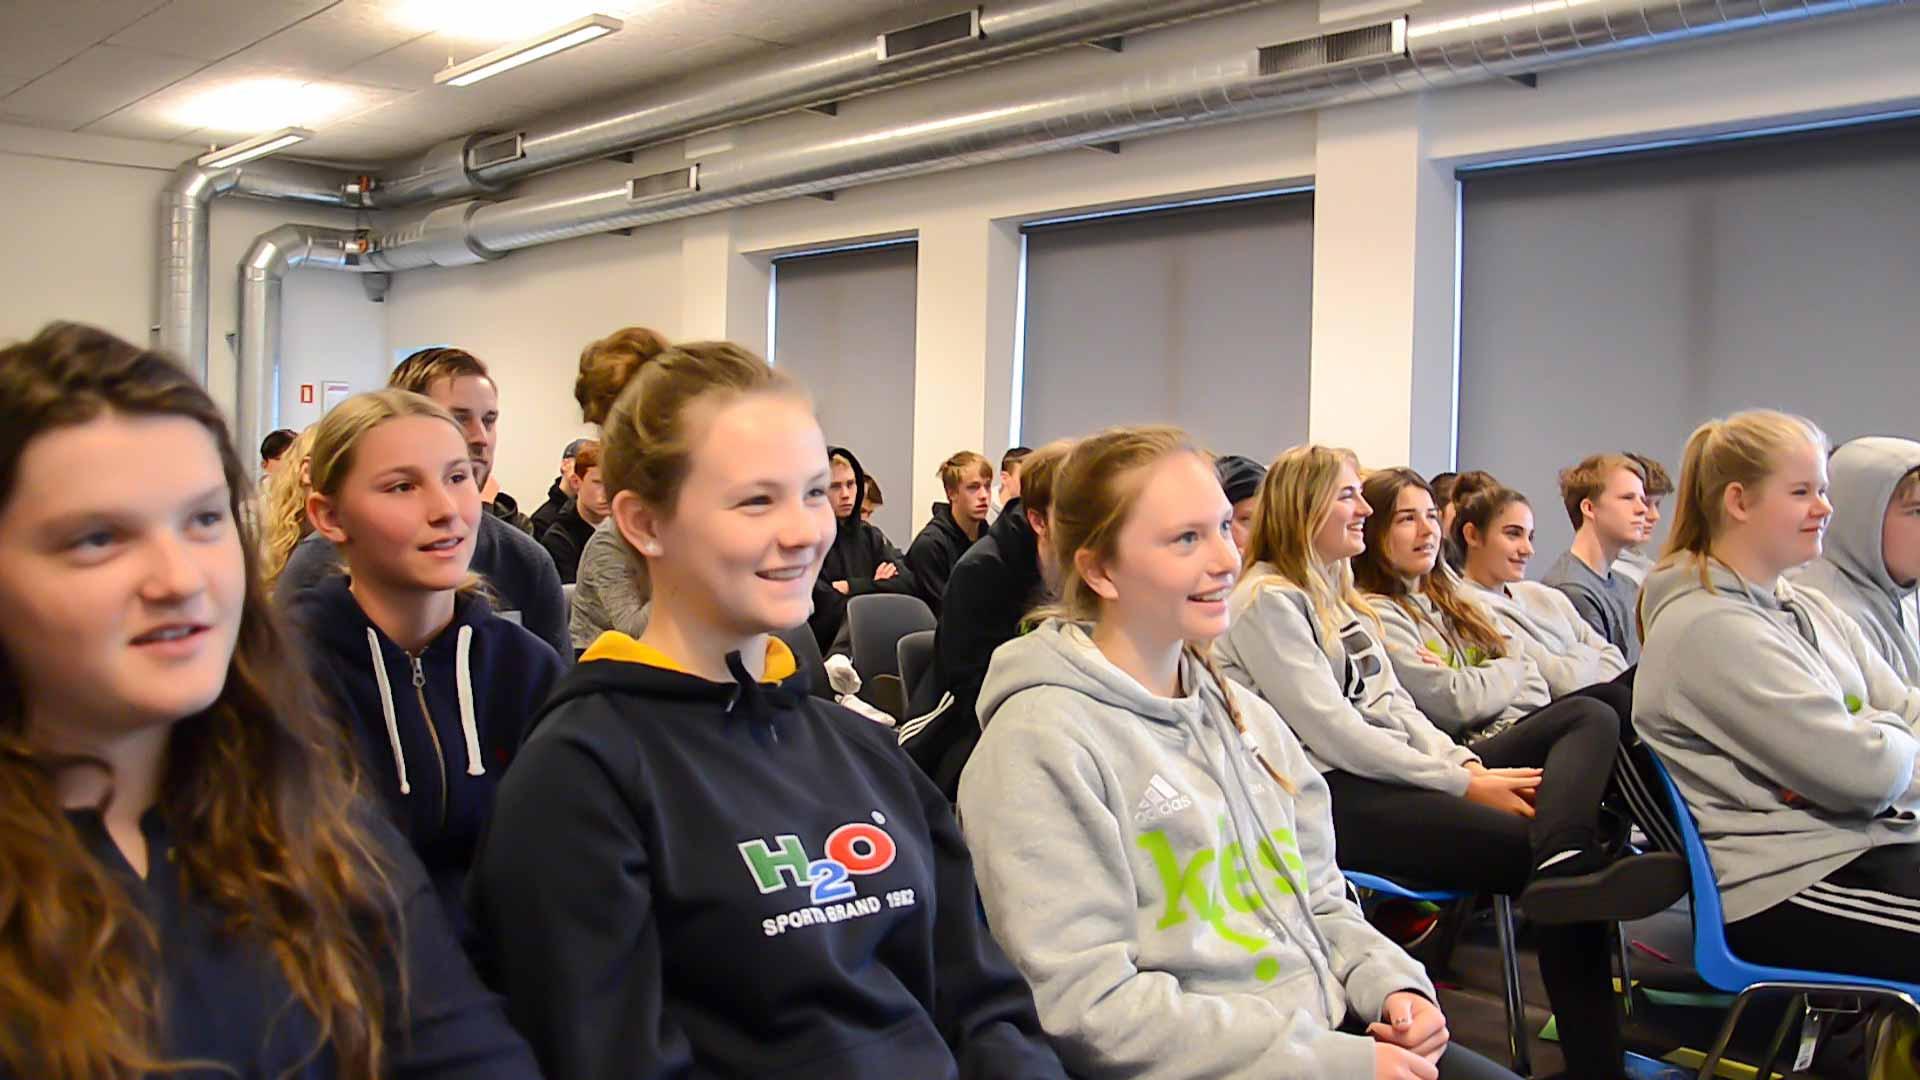 foredrag på efterskoler og folkeskoler